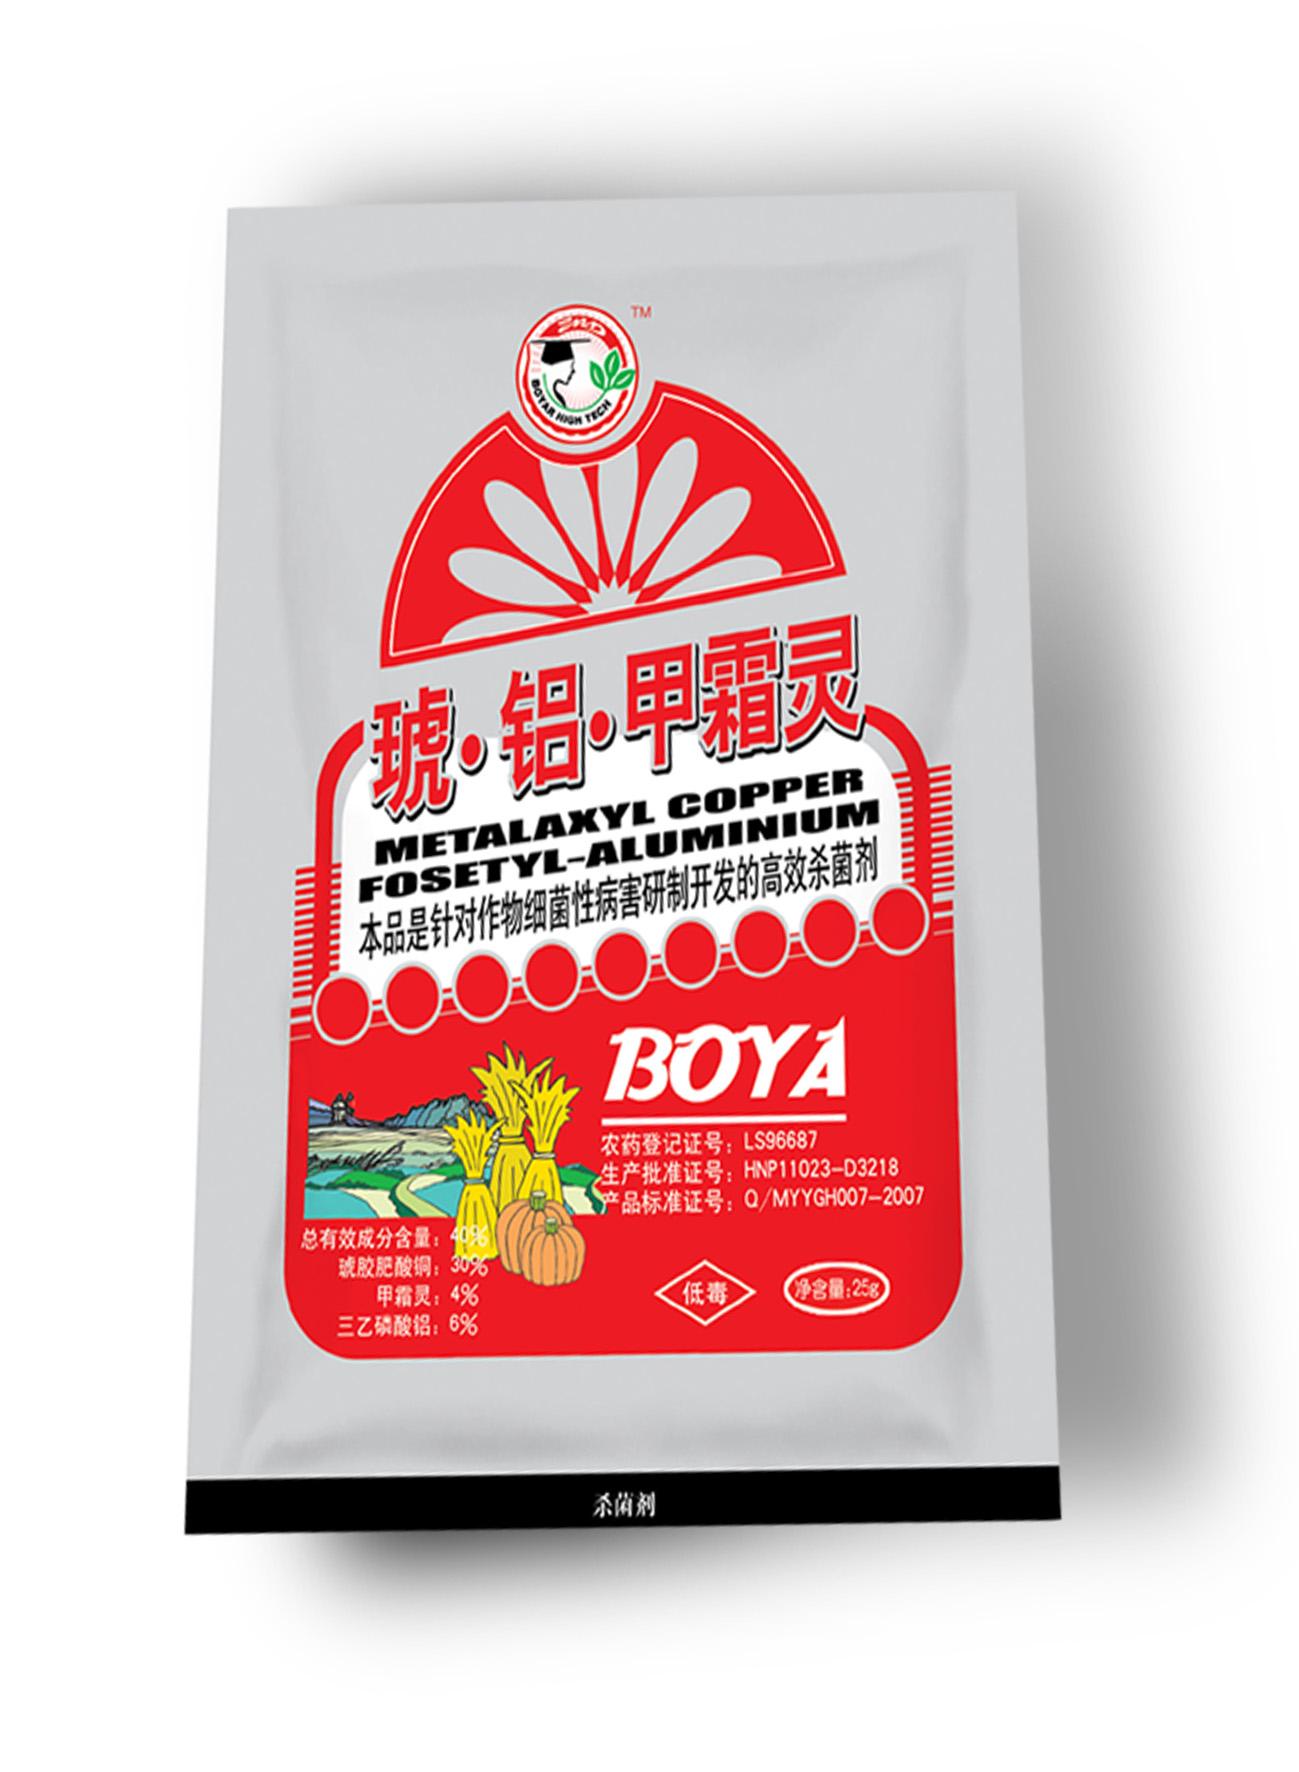 40%琥珓肥酸铜、三乙磷酸铝、高效甲霜灵(可湿性粉剂)